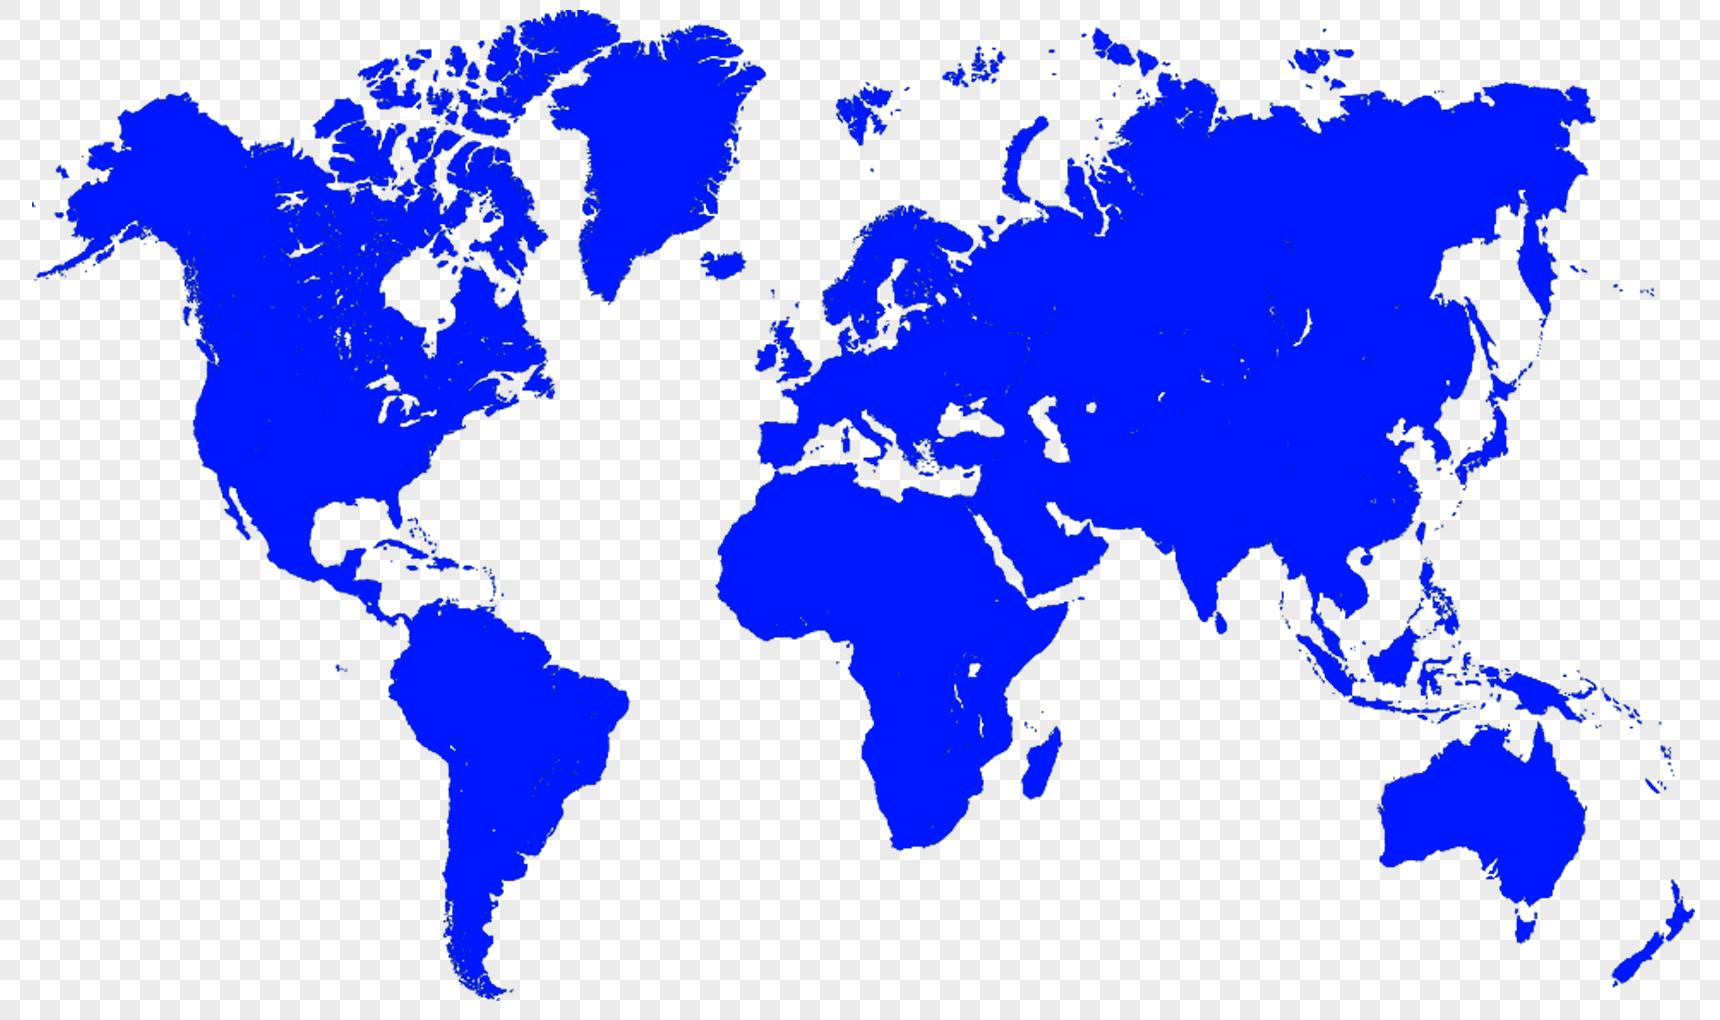 图片 素材 手绘/卡通元素 世界地形图.